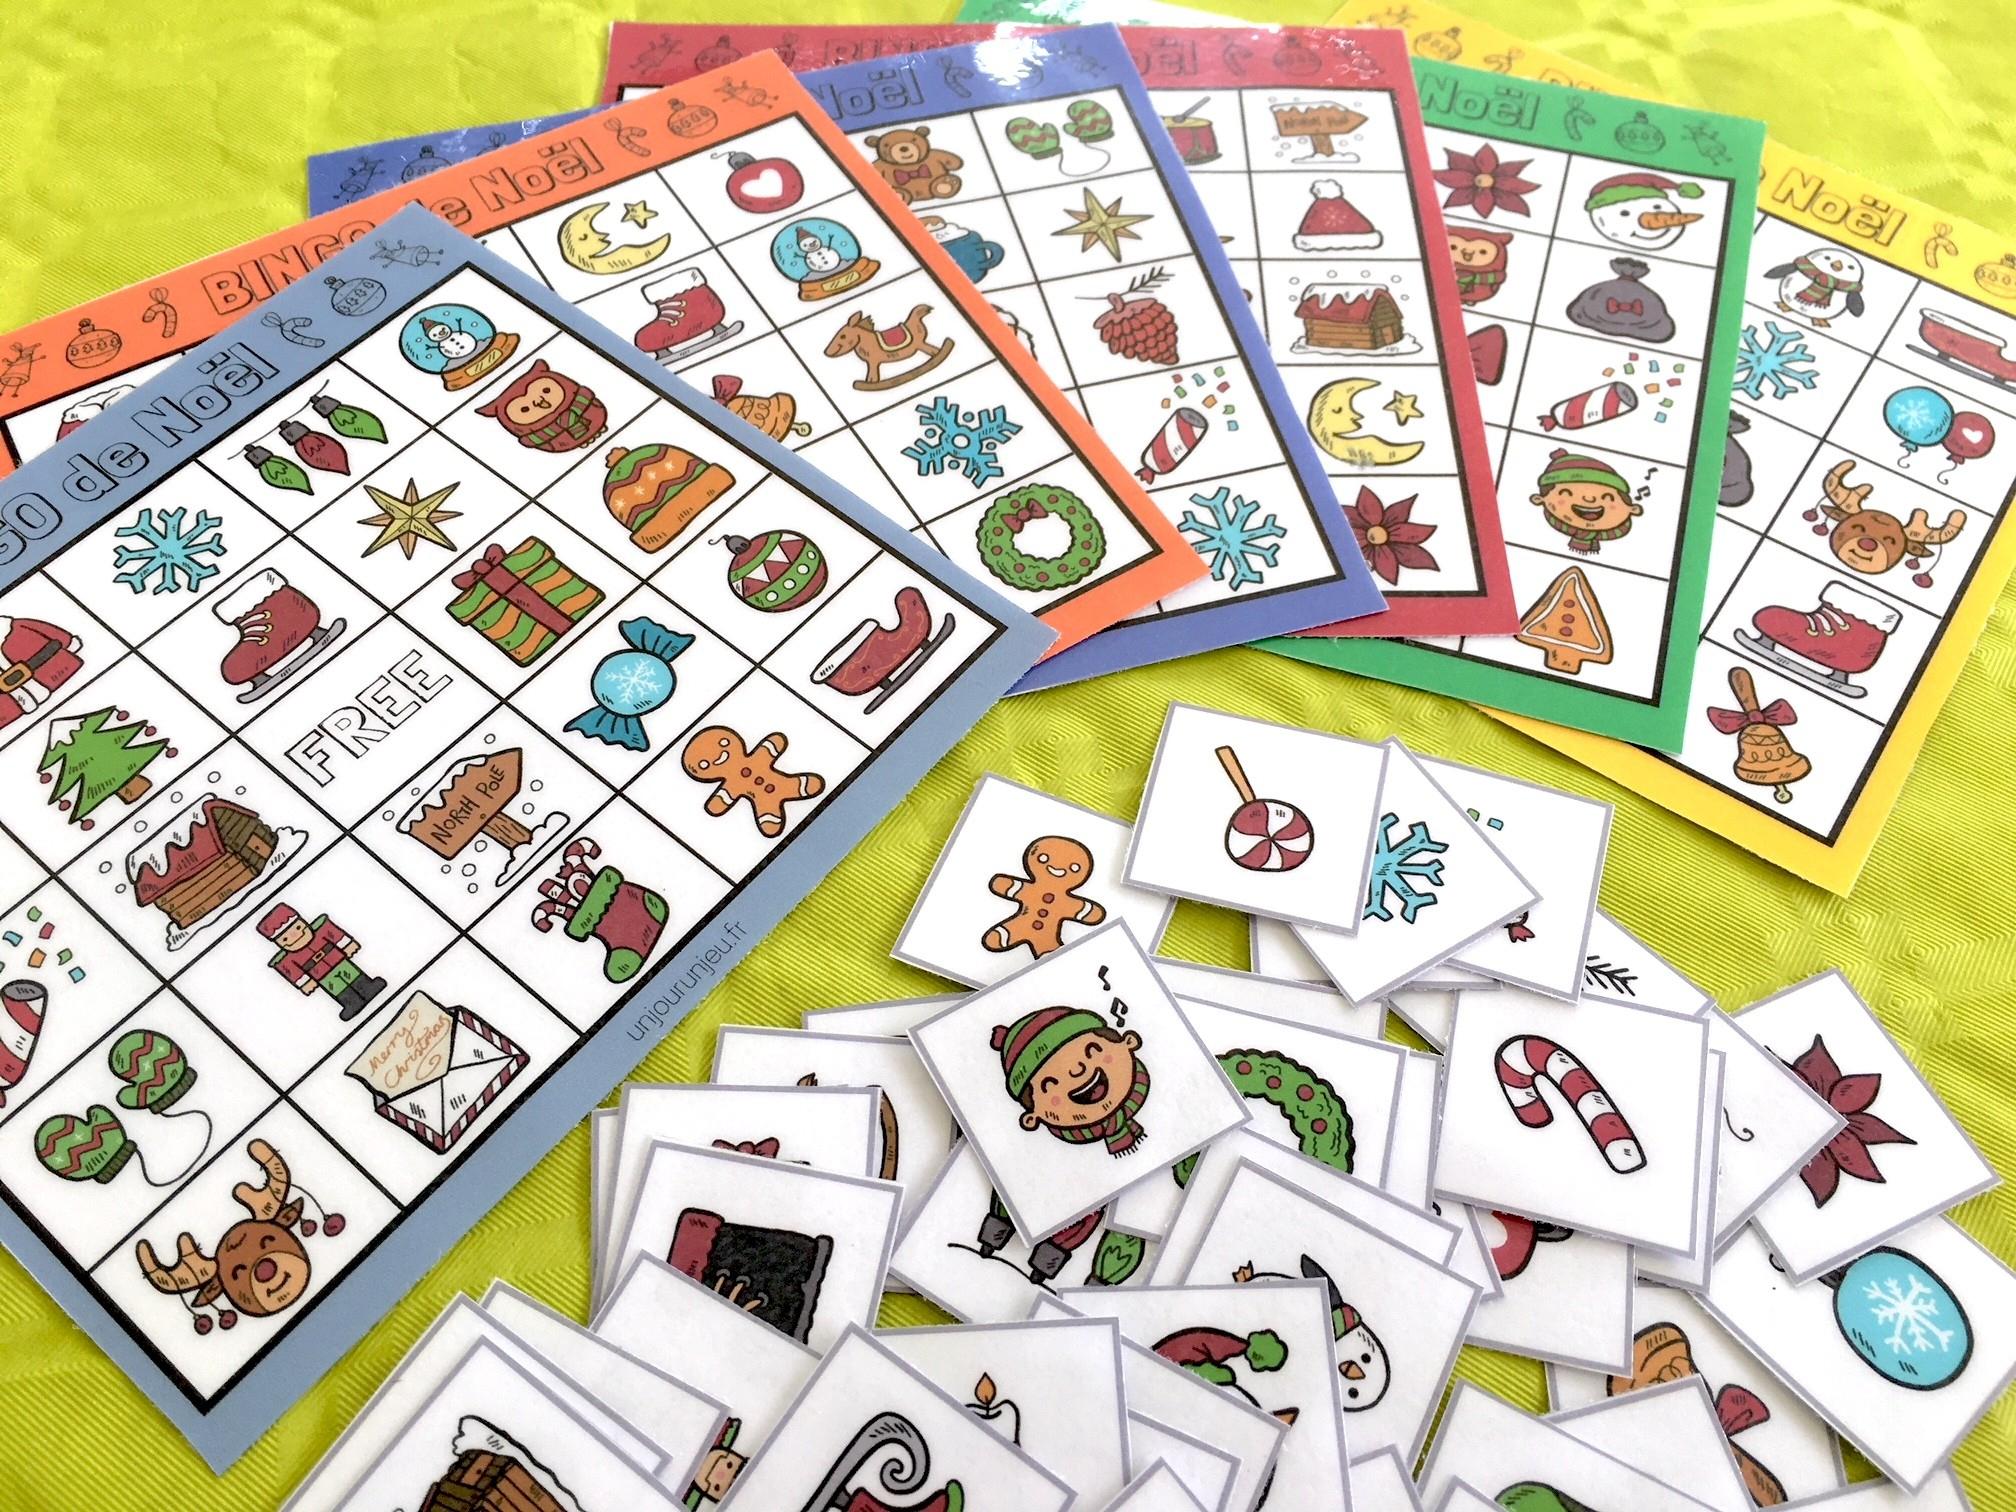 Jeu De Noël : Bingo À Télécharger Gratuitement Pour Vos Enfants concernant Jeux De Tangram Gratuit